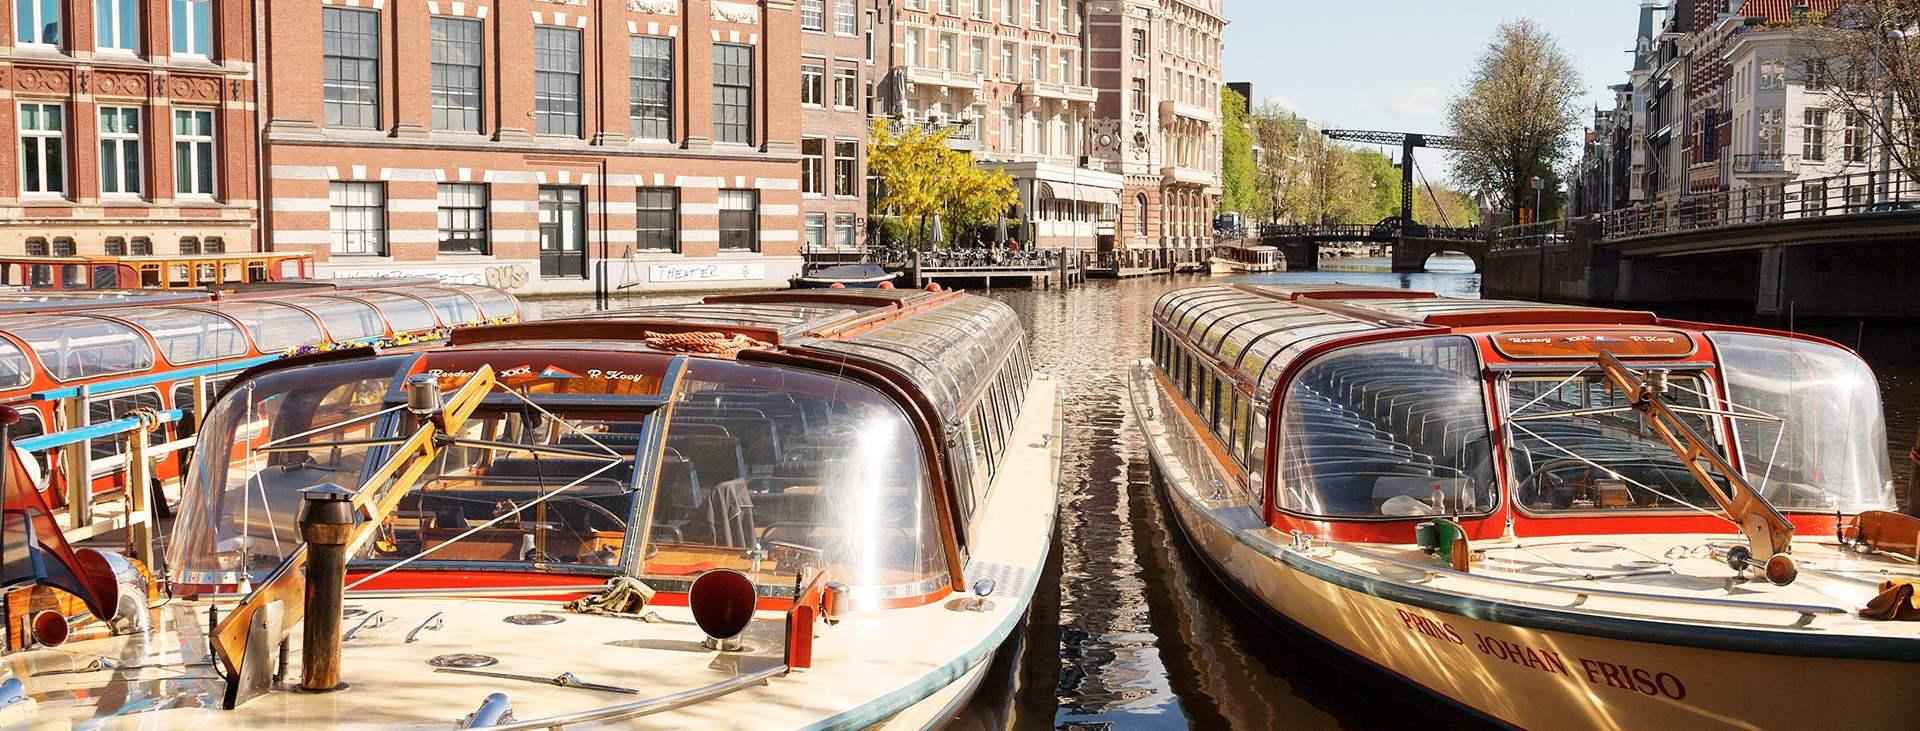 Vietä viikonloppu Hollannissa - varaa lennnot + hotelli Tjäreborgilta